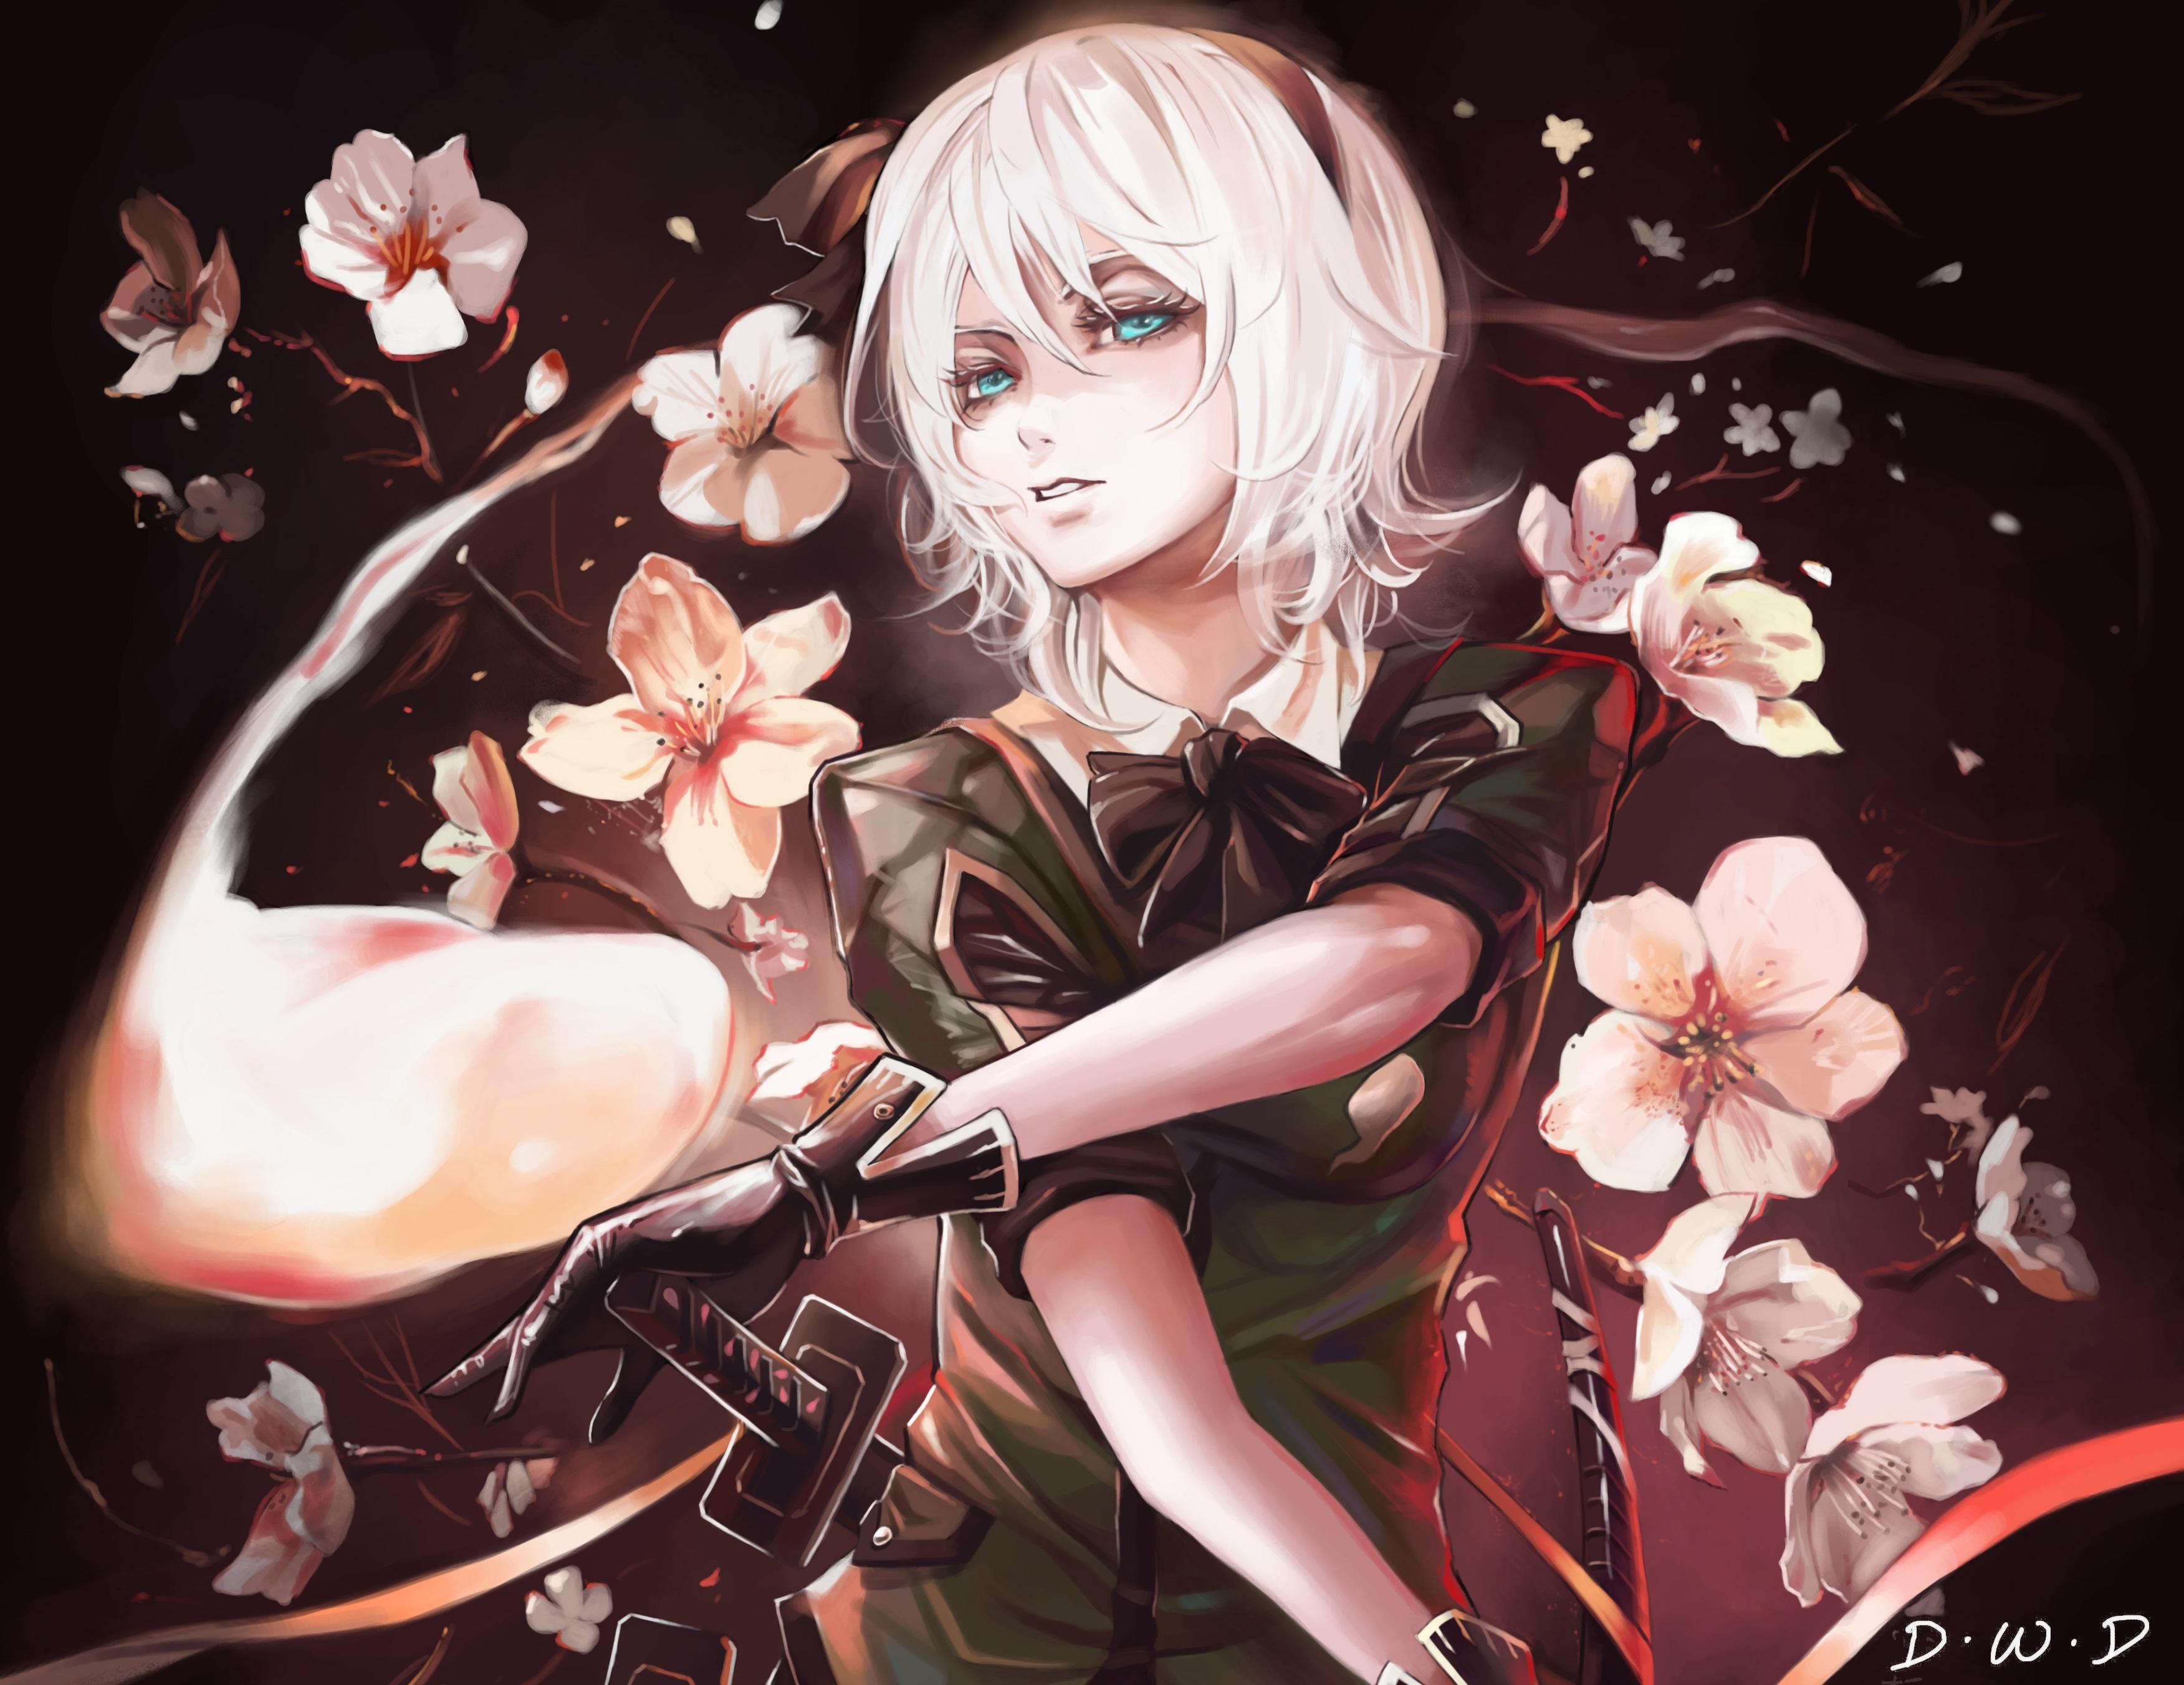 Aqua Eyes Girl White Hair Youmu Konpaku 3504x2704